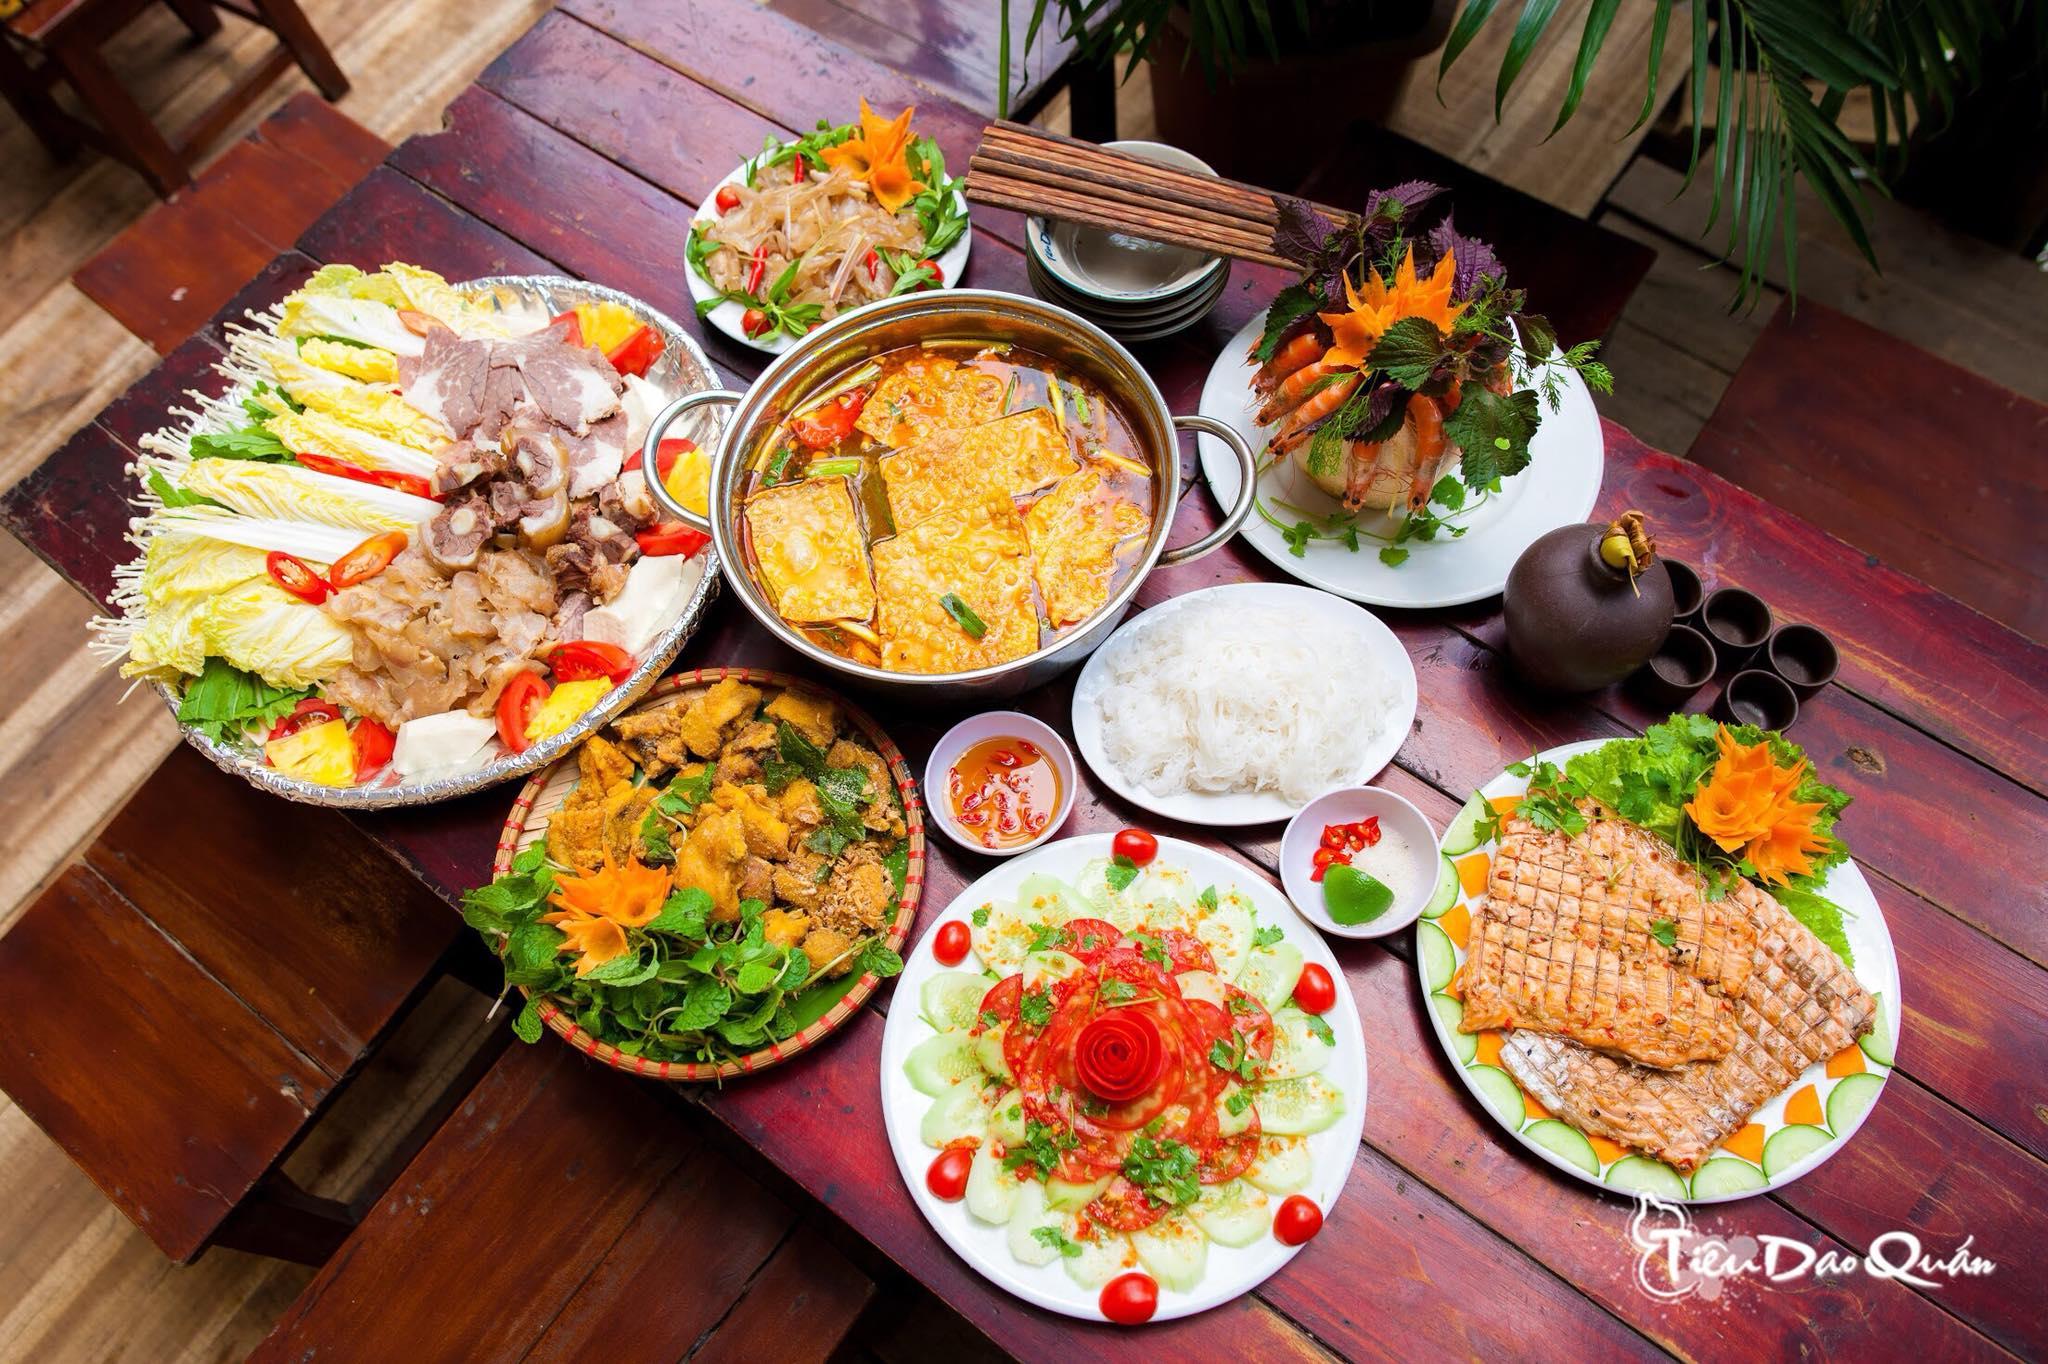 Image result for Tiêu Dao Quán hoàng cầu